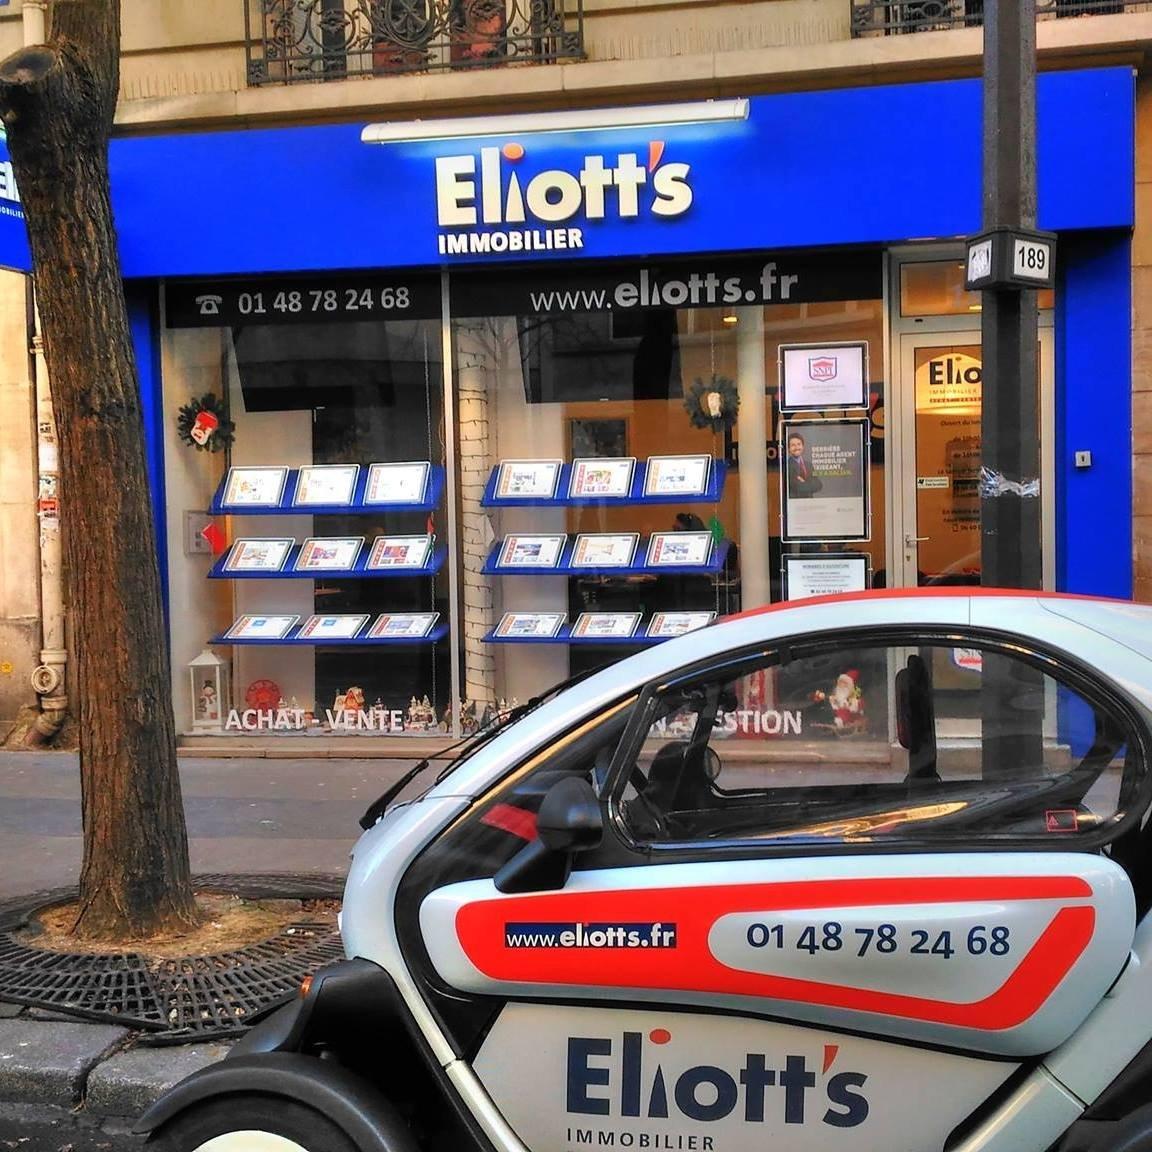 ELIOTT'S